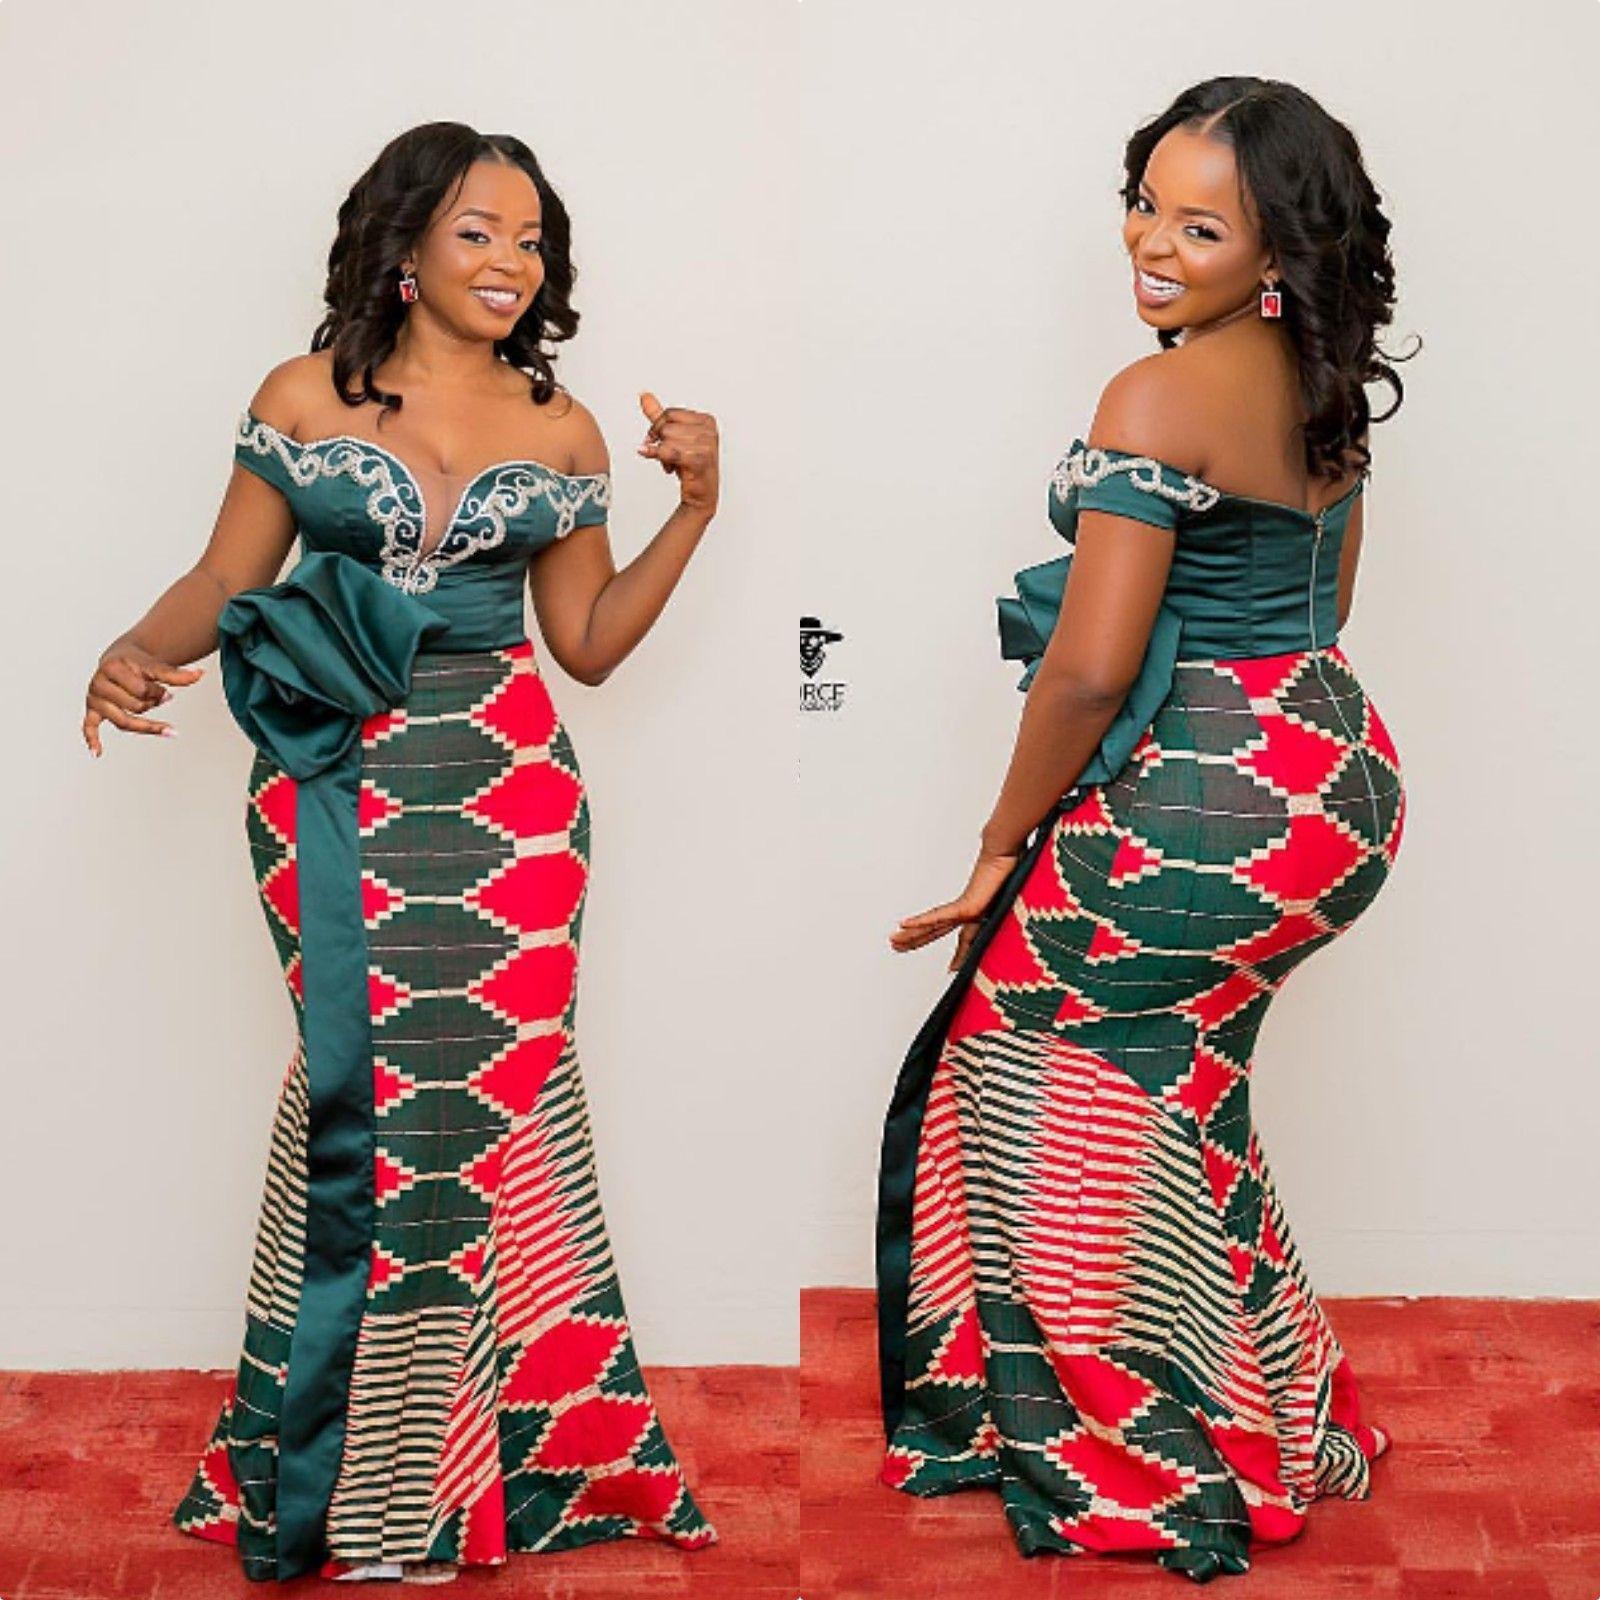 70 Latest Kente Styles For Engagements 2019 Fashenista Kente Styles Kente Dress African Wear Dresses